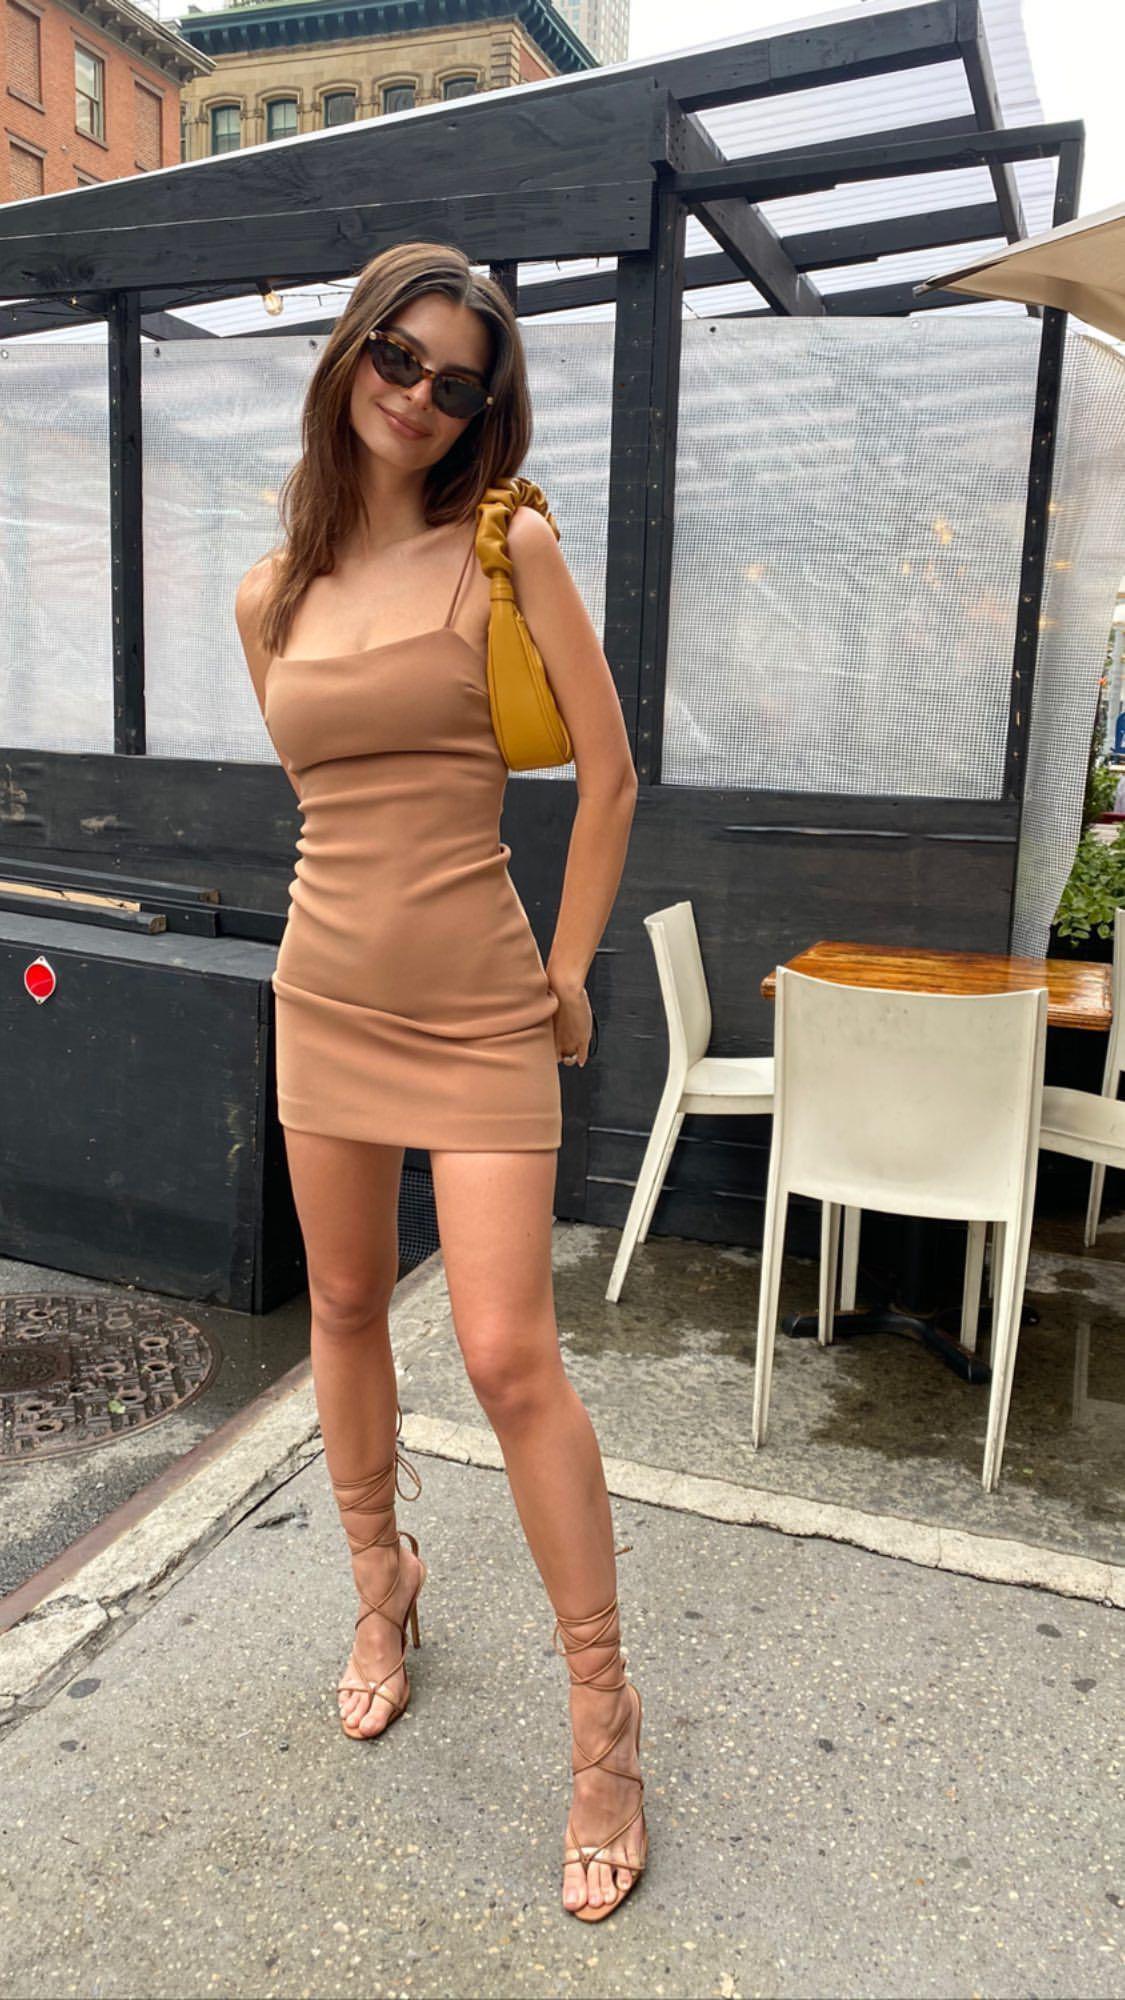 Emily Ratajkowski Gorgeouss Body In Sexy Dress